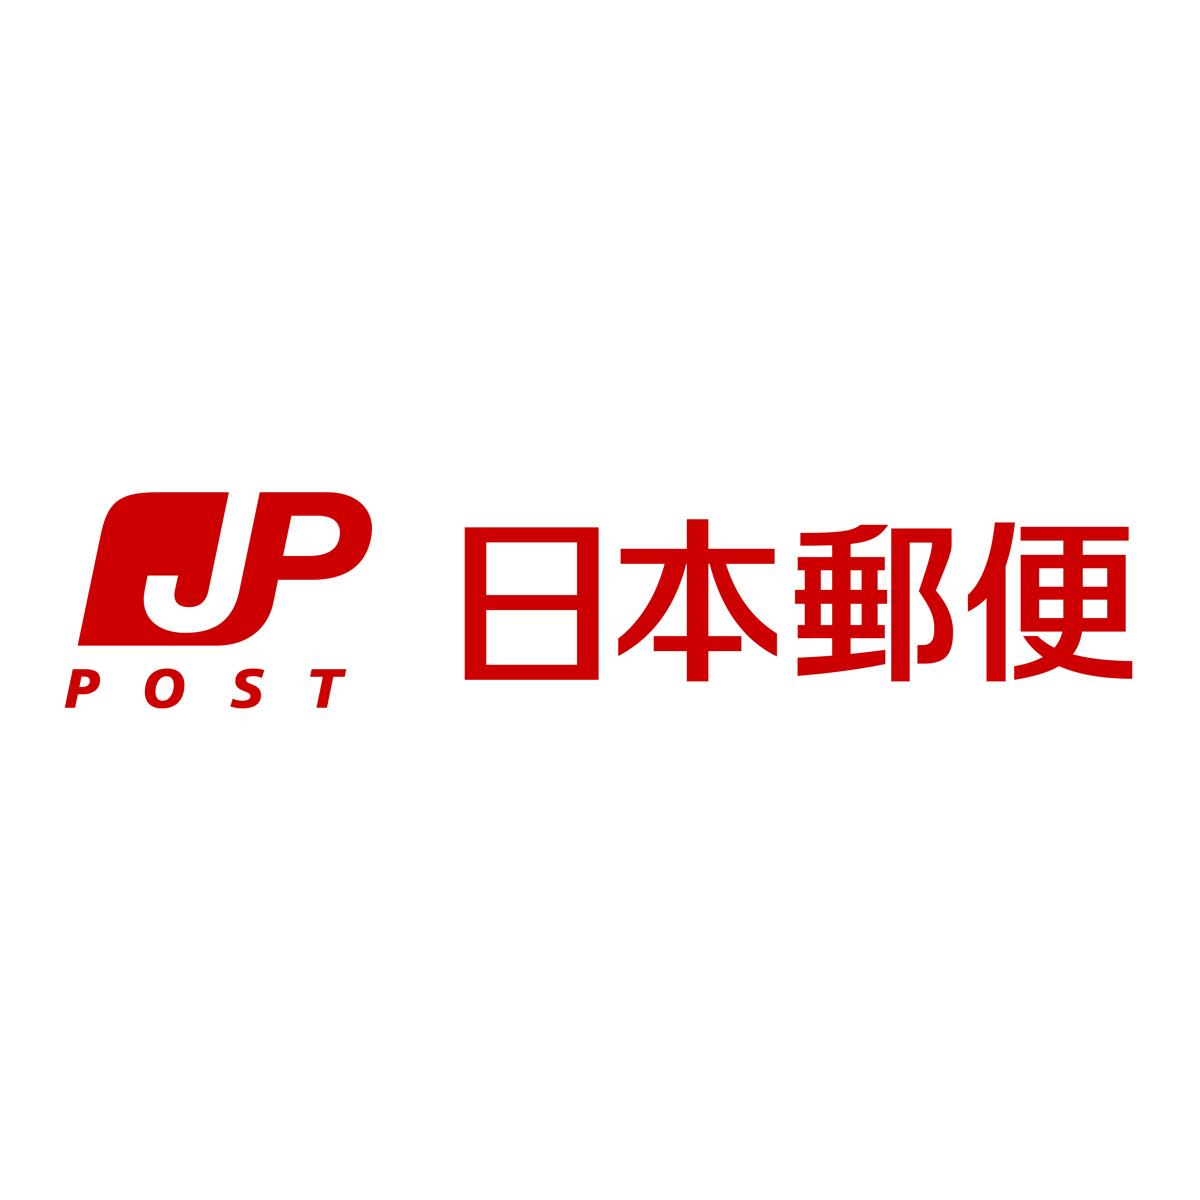 「日本郵便画像」の画像検索結果